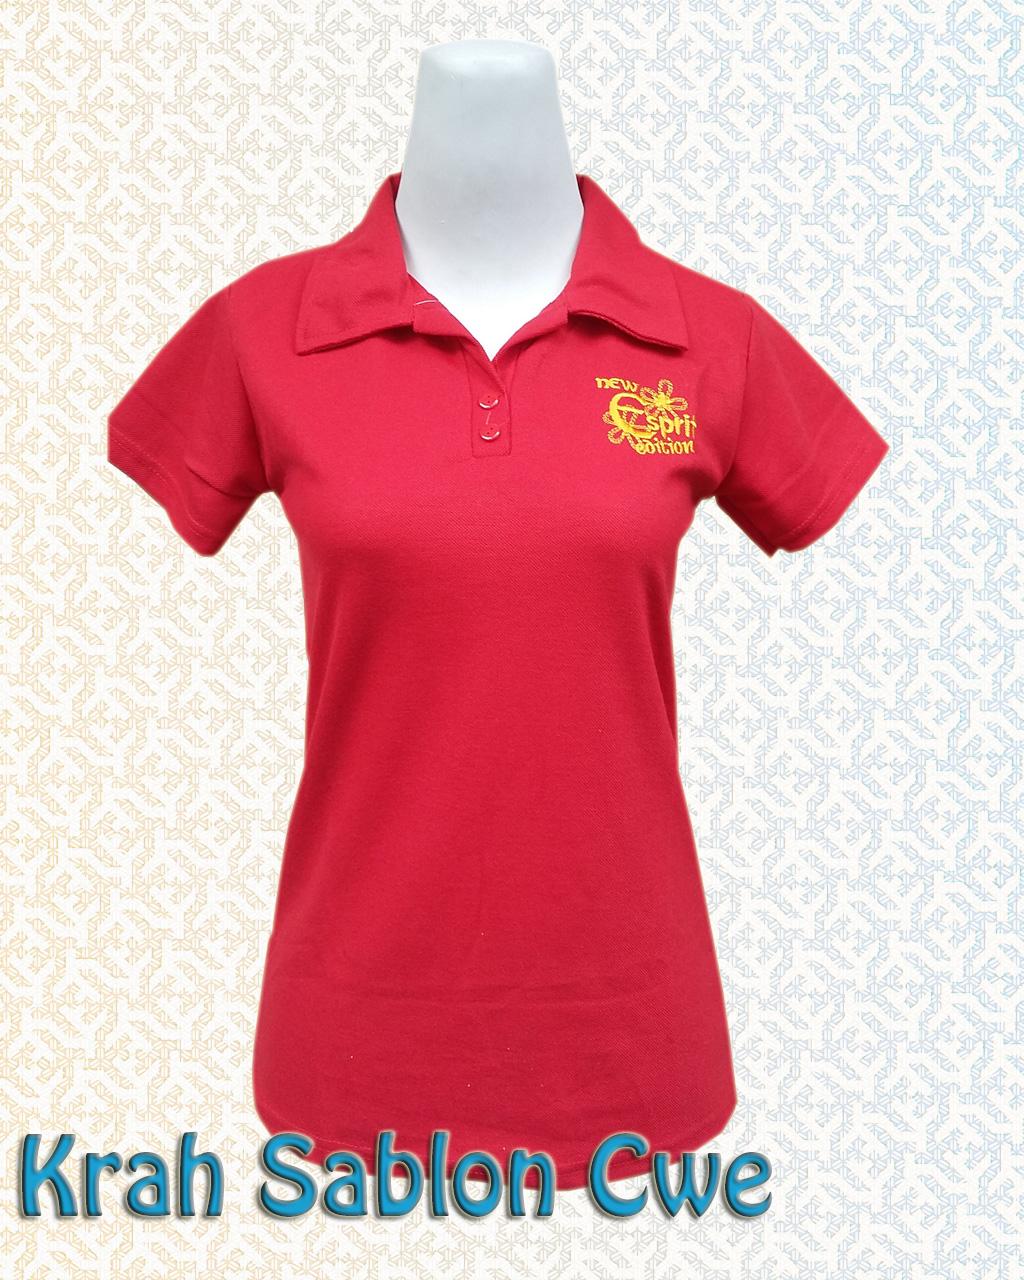 ObralanBaju.com Obral Baju Pakaian Murah Meriah 5000 Krah Sablon Cewe